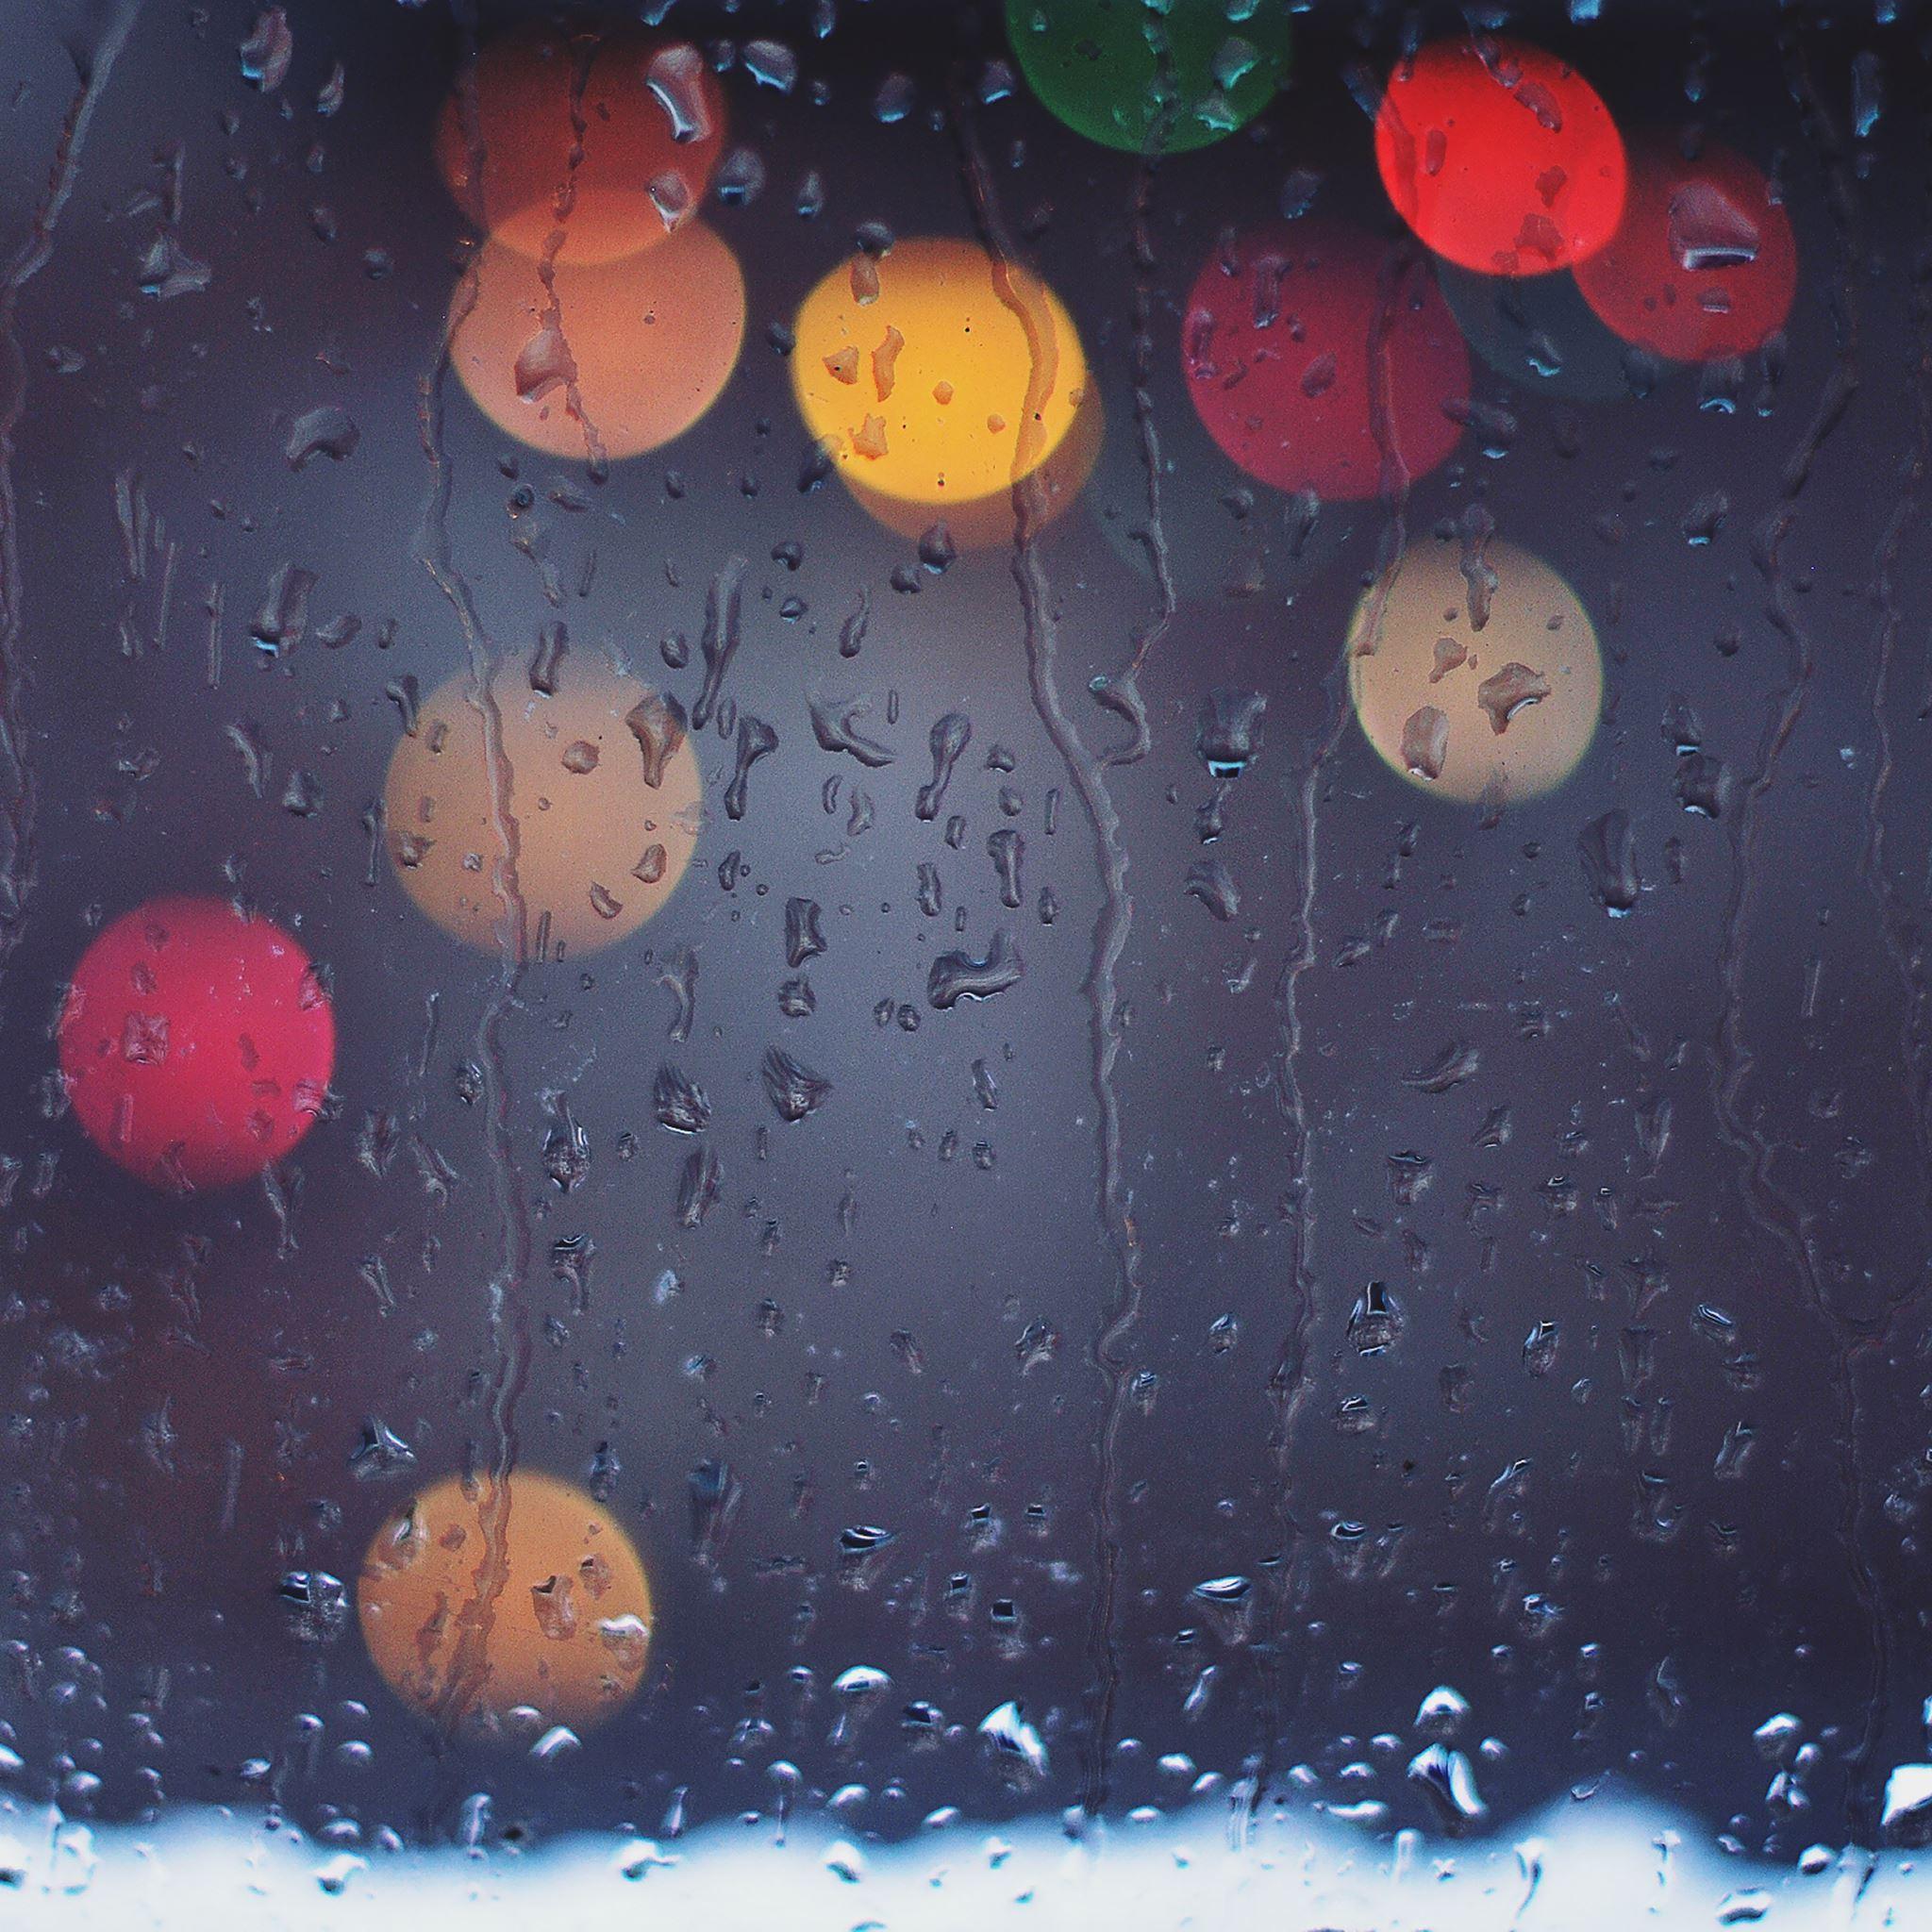 Rainy Bokeh iPad Air wallpaper